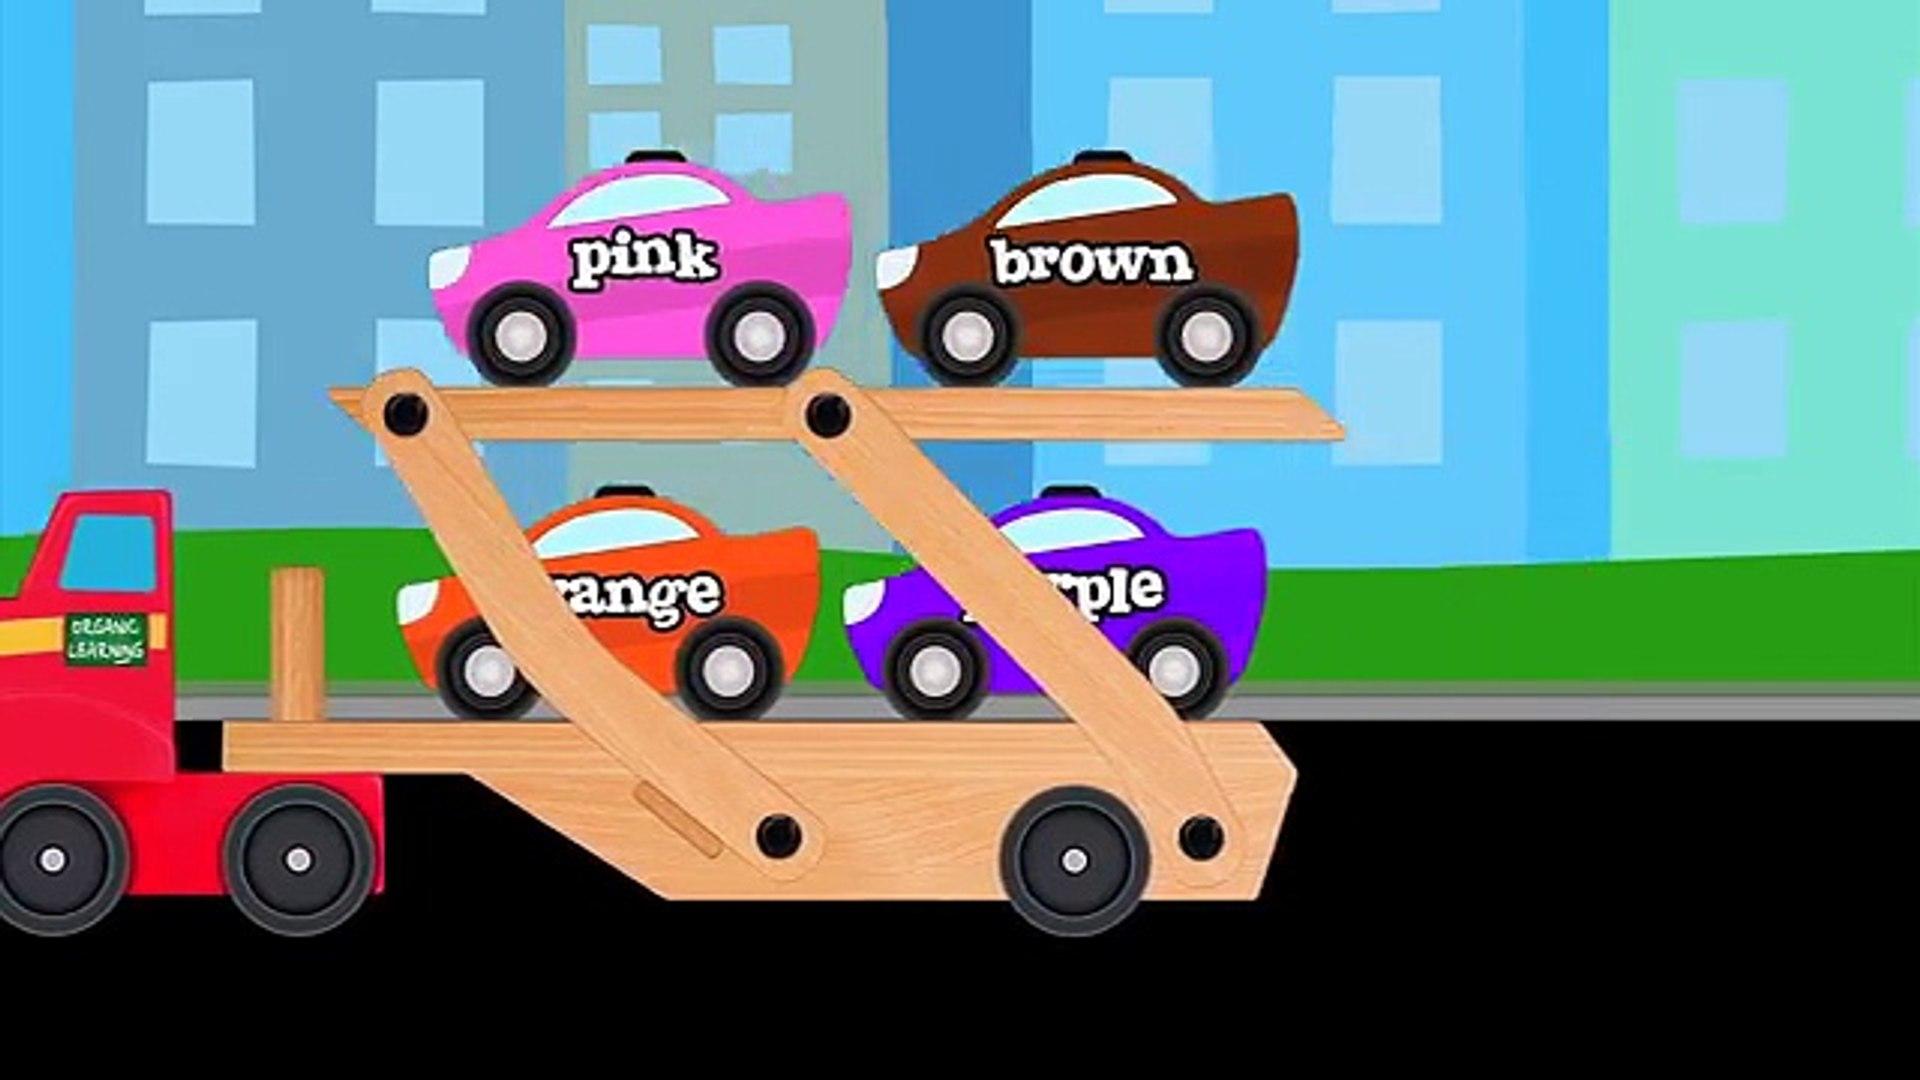 Otomobil Kamyon Sokak Taşıtlar Öğretim Renkleri - Çocuklar için öğrenme Renkleri video